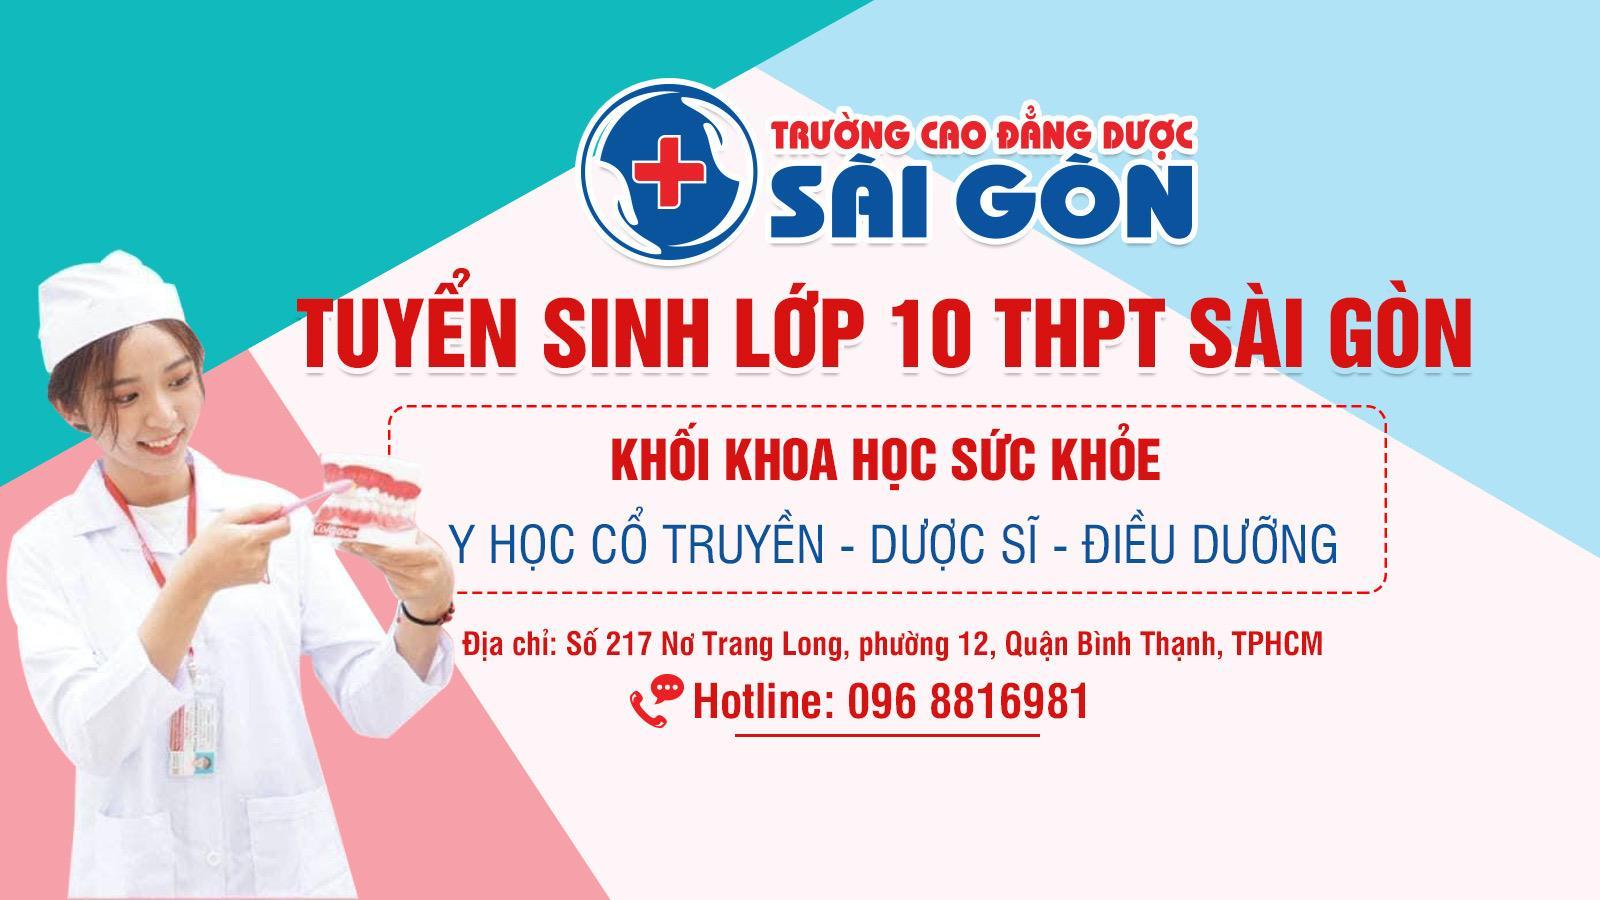 Tuyển sinh lớp 10 thành phố Hồ Chí Minh theo chương trình 9+ 4,5 năm  - Ảnh 1